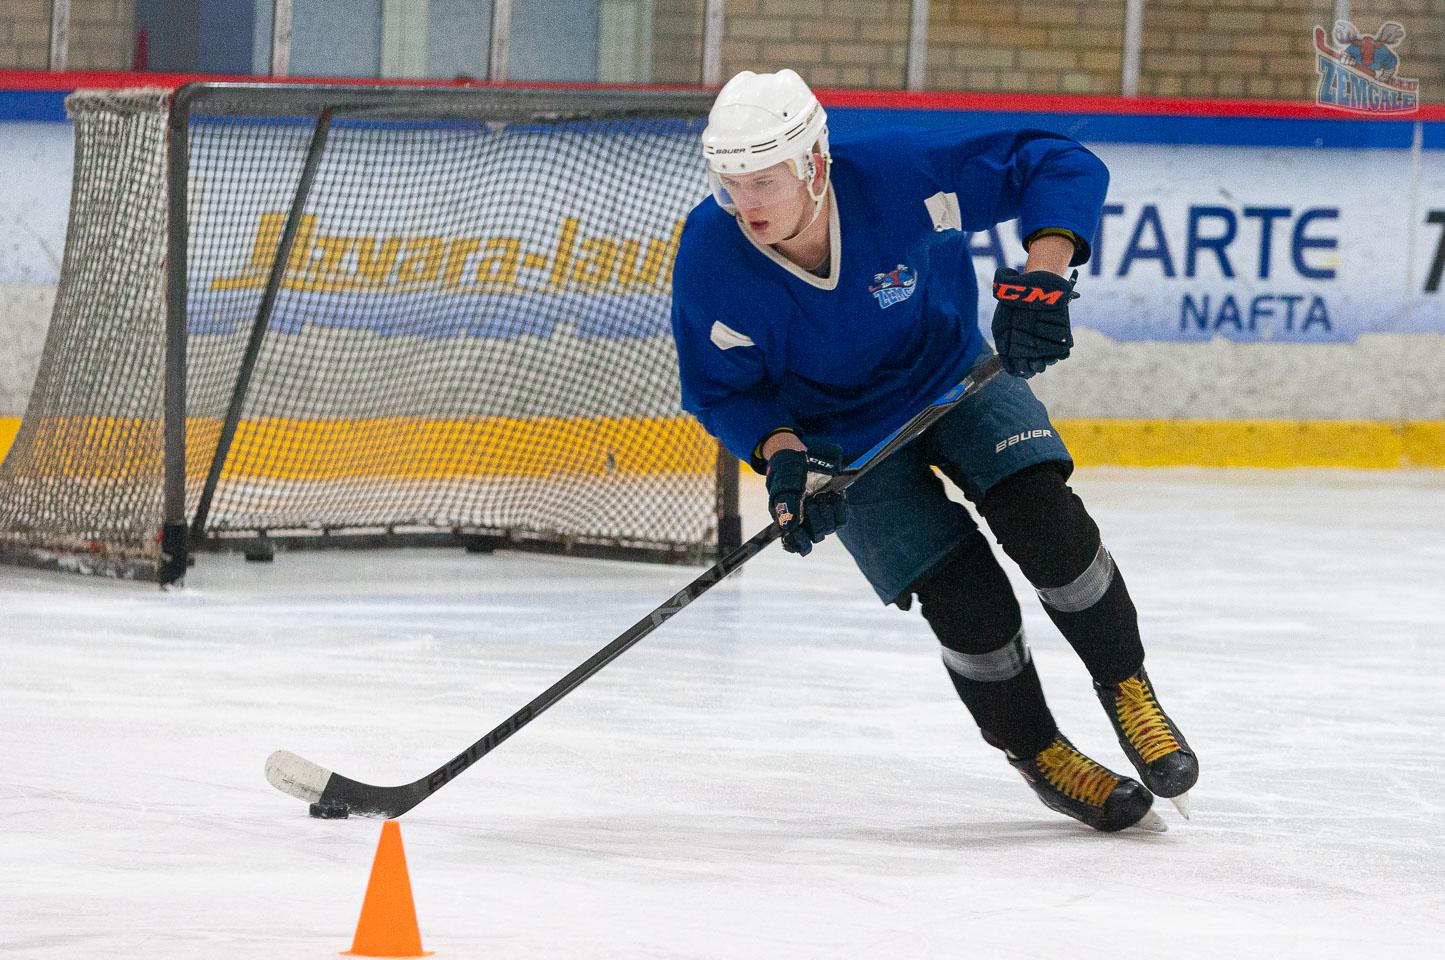 Hokejists ar ripu un nūju uz ledus. Fonā redzami vārti un konus.